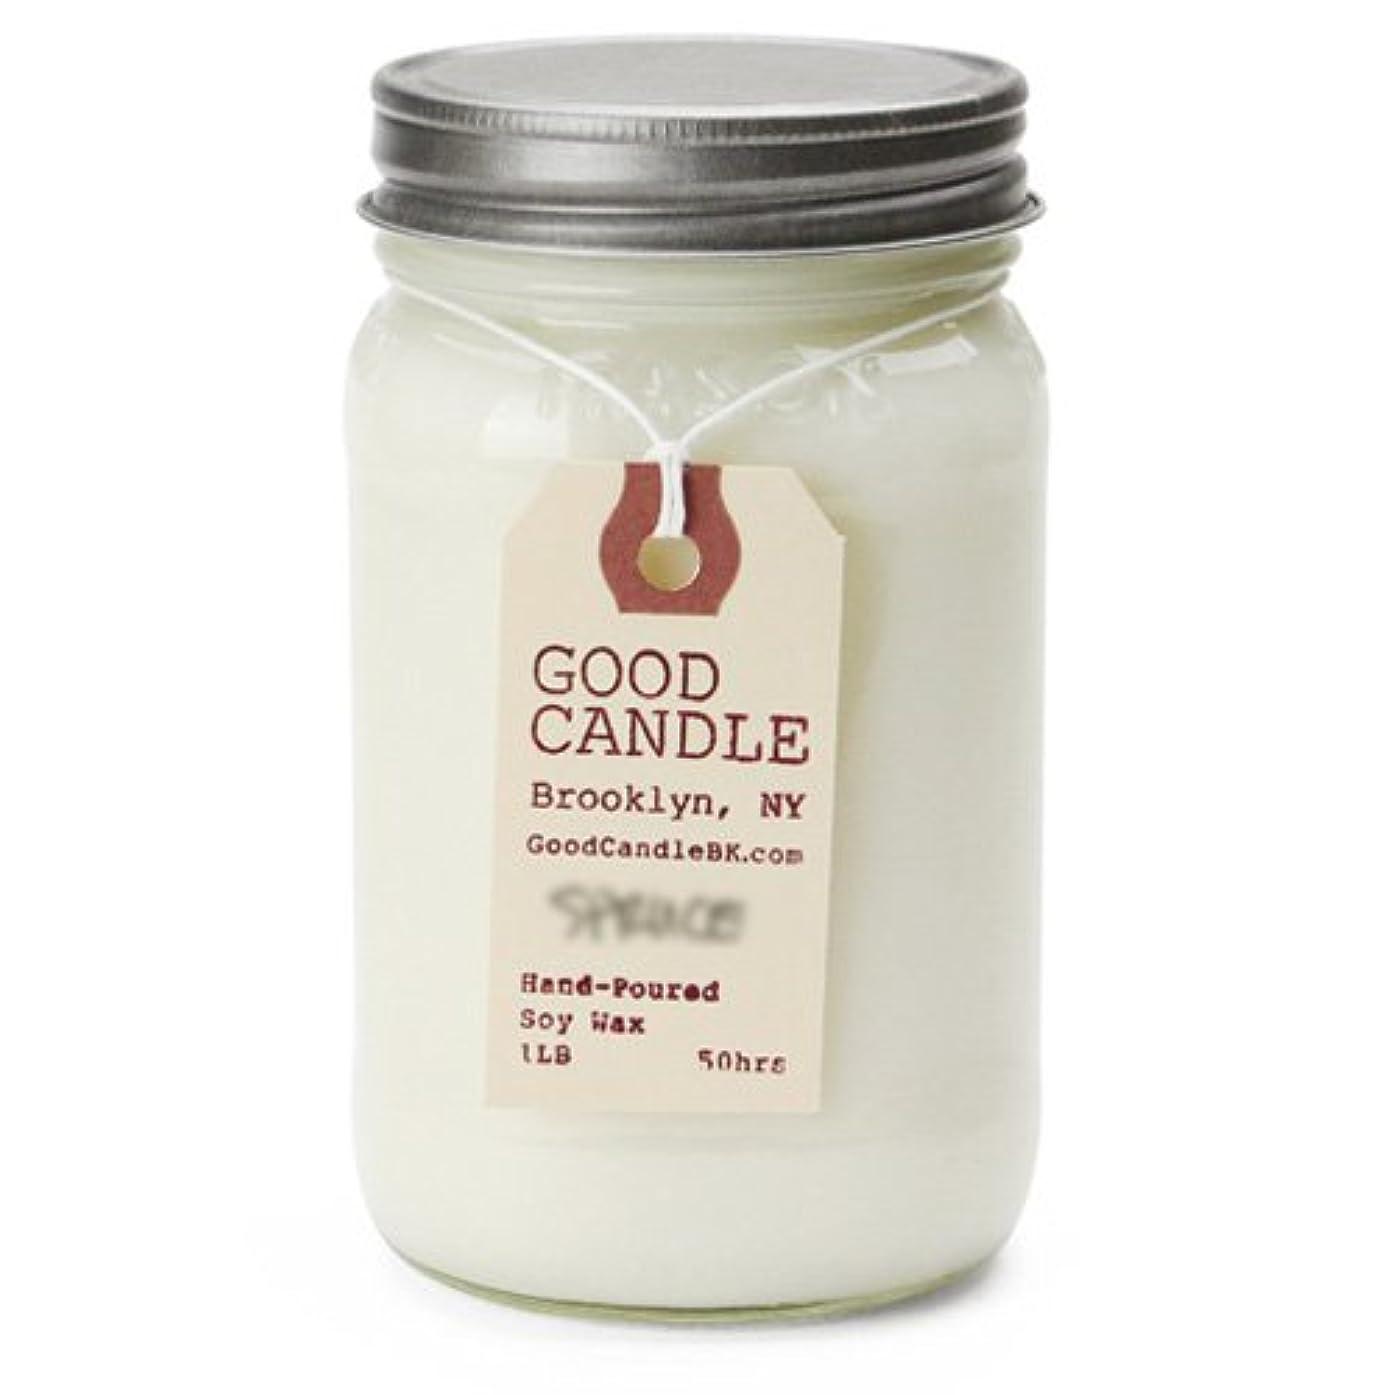 民兵申し立てられた妊娠したグッドキャンドル 1ポンド メイソンジャー キャンドル Good Candle 1LB Mason jar candle [ Camp fire ] 正規品